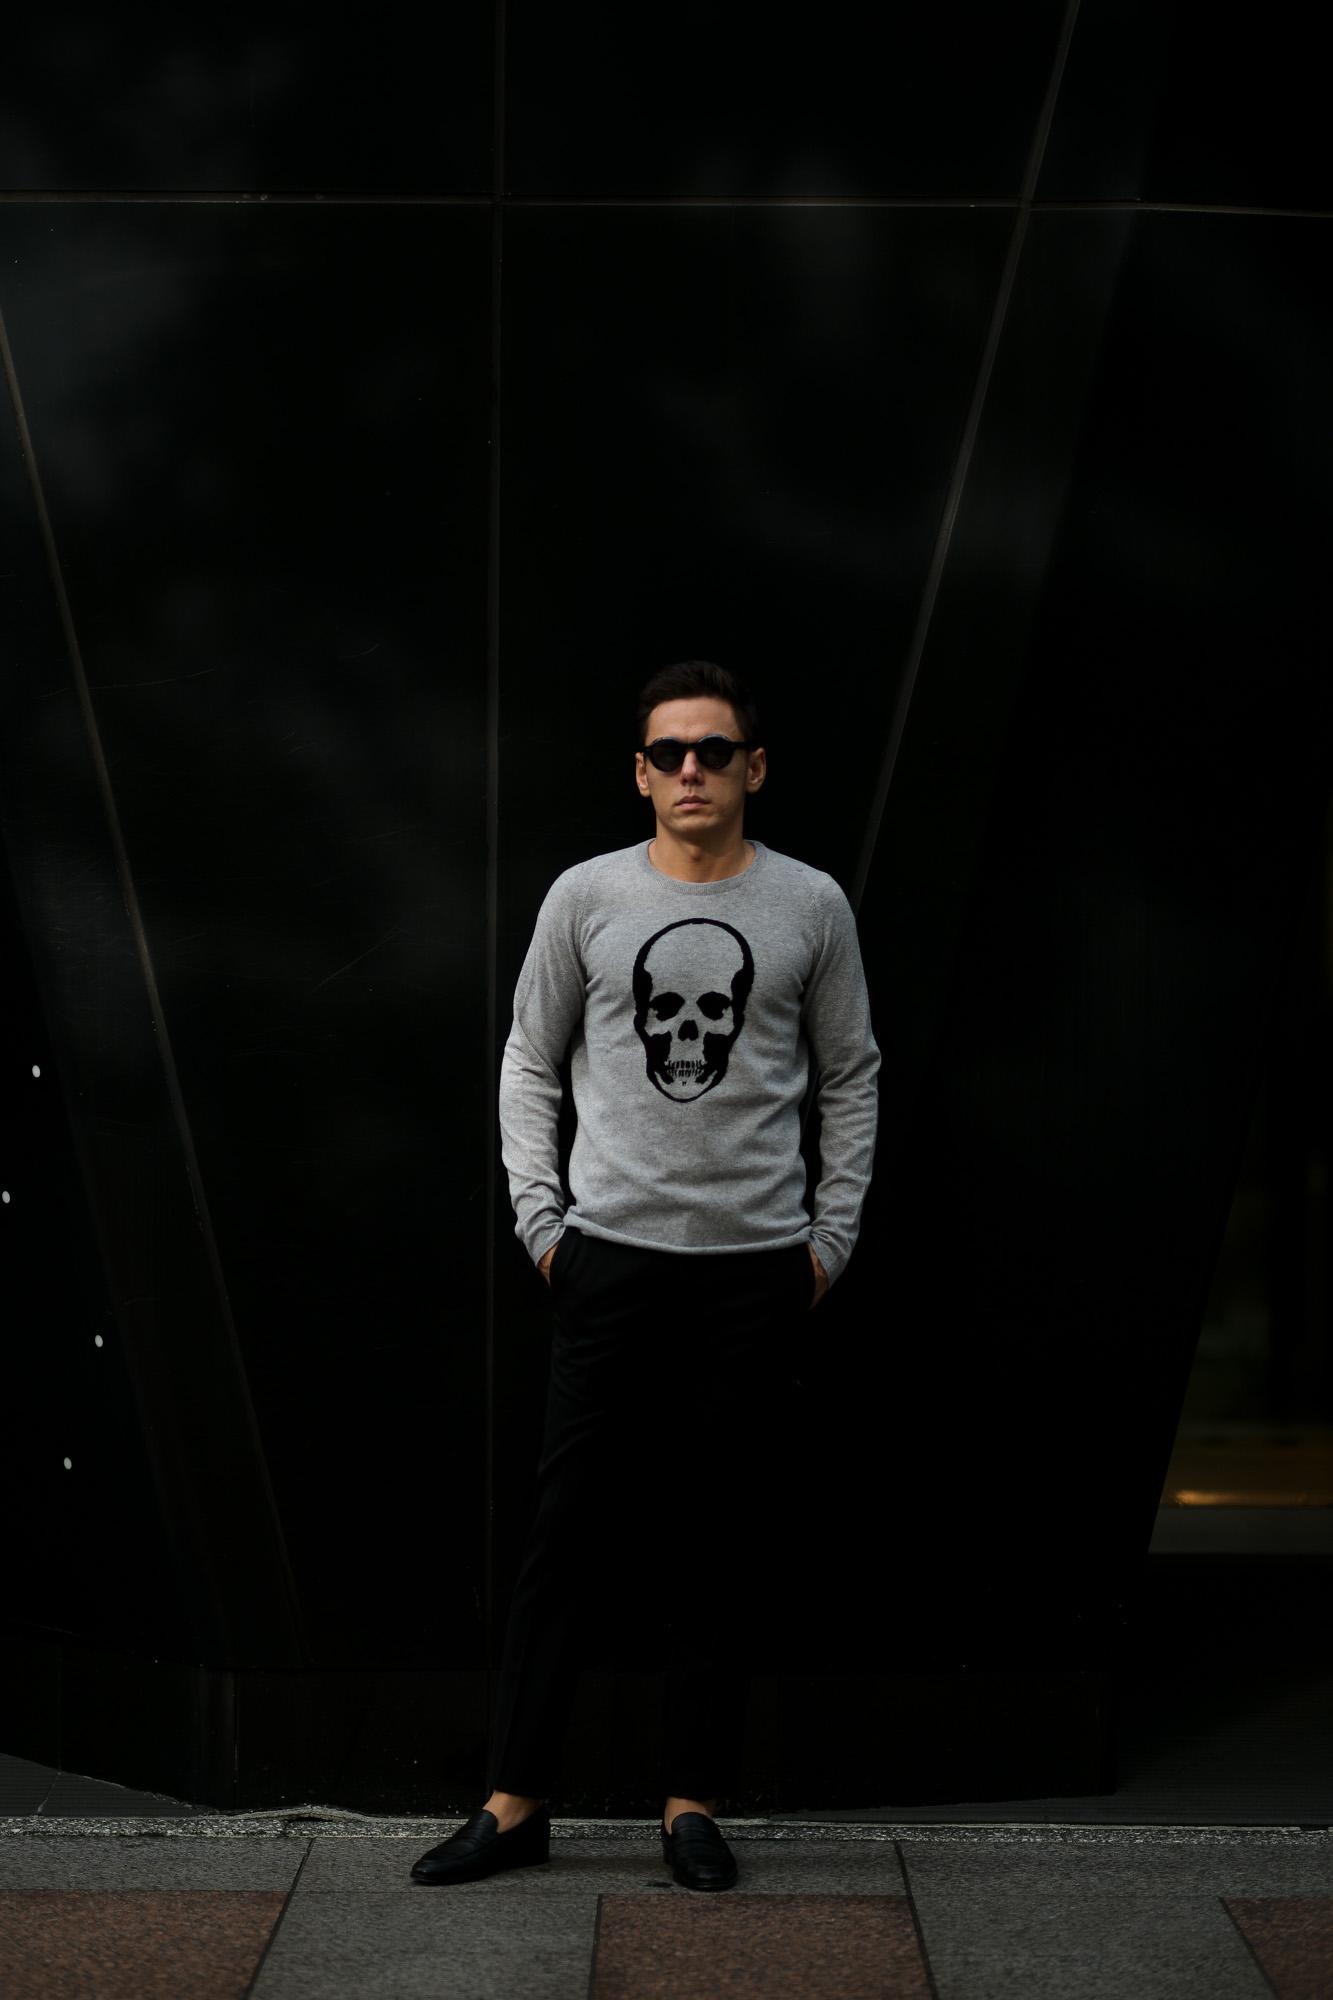 lucien pellat-finet (ルシアン ペラフィネ) Skull Cashmere Sweater (スカル カシミア セーター) インターシャ カシミア スカル セーター  FELT GRAY×BLACK (フェルト グレー×ブラック) made in scotland (スコットランド製) 2019 秋冬新作 lucienpellatfinet ルシアンペラフィネ 愛知 名古屋 altoediritto アルトエデリット